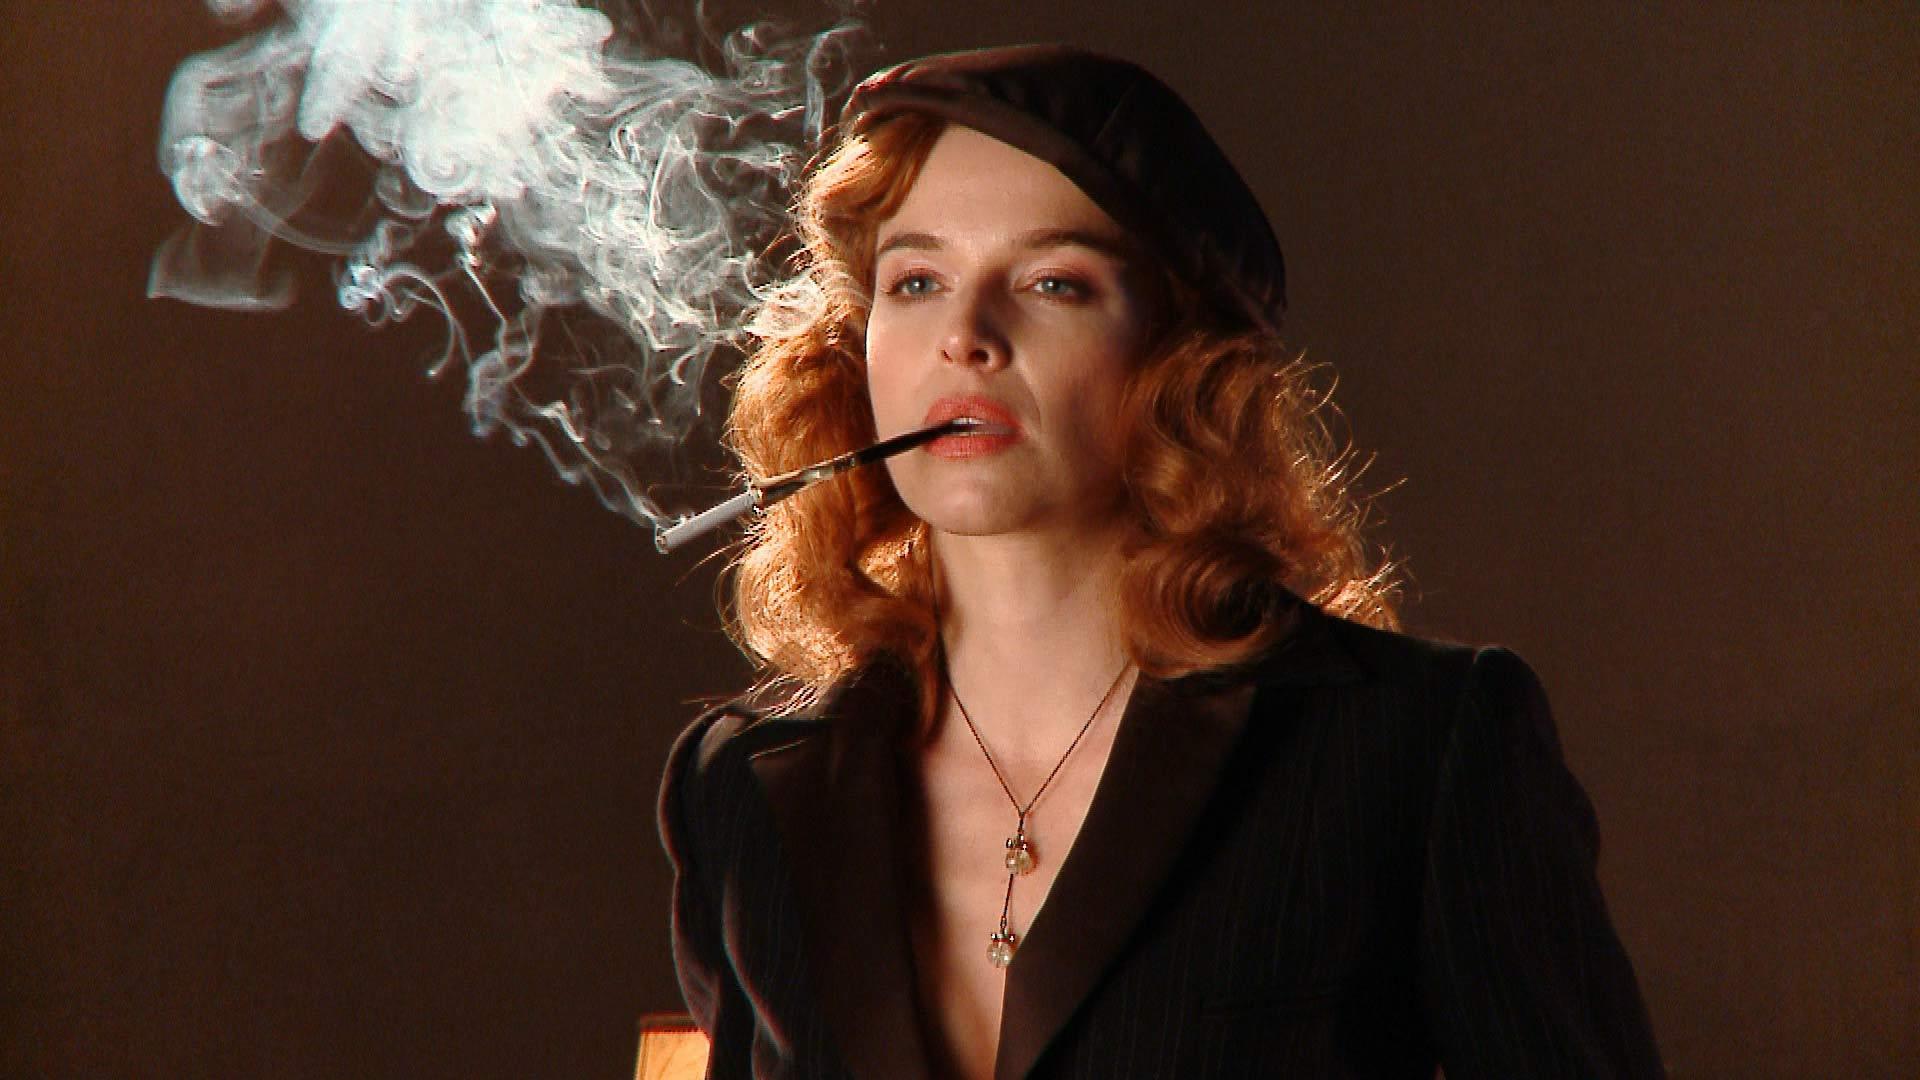 Thekla Reuten bei Probeaufnahmen zum Film Hotel Lux